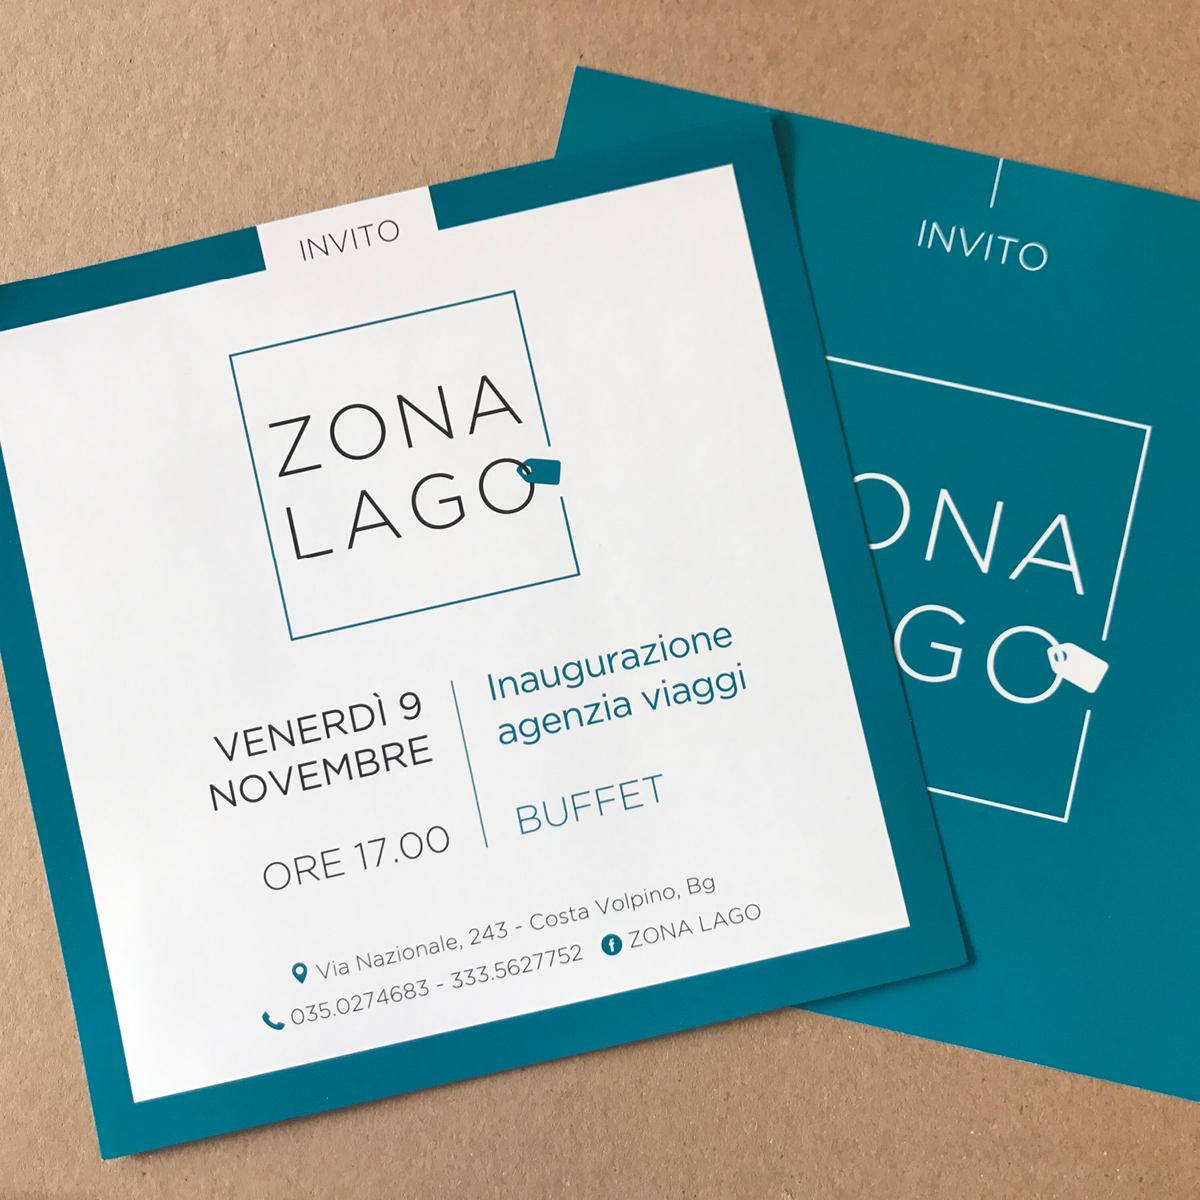 Progettazione grafica e stampa invito e adesivi - Zona Lago (Costa Volpino)